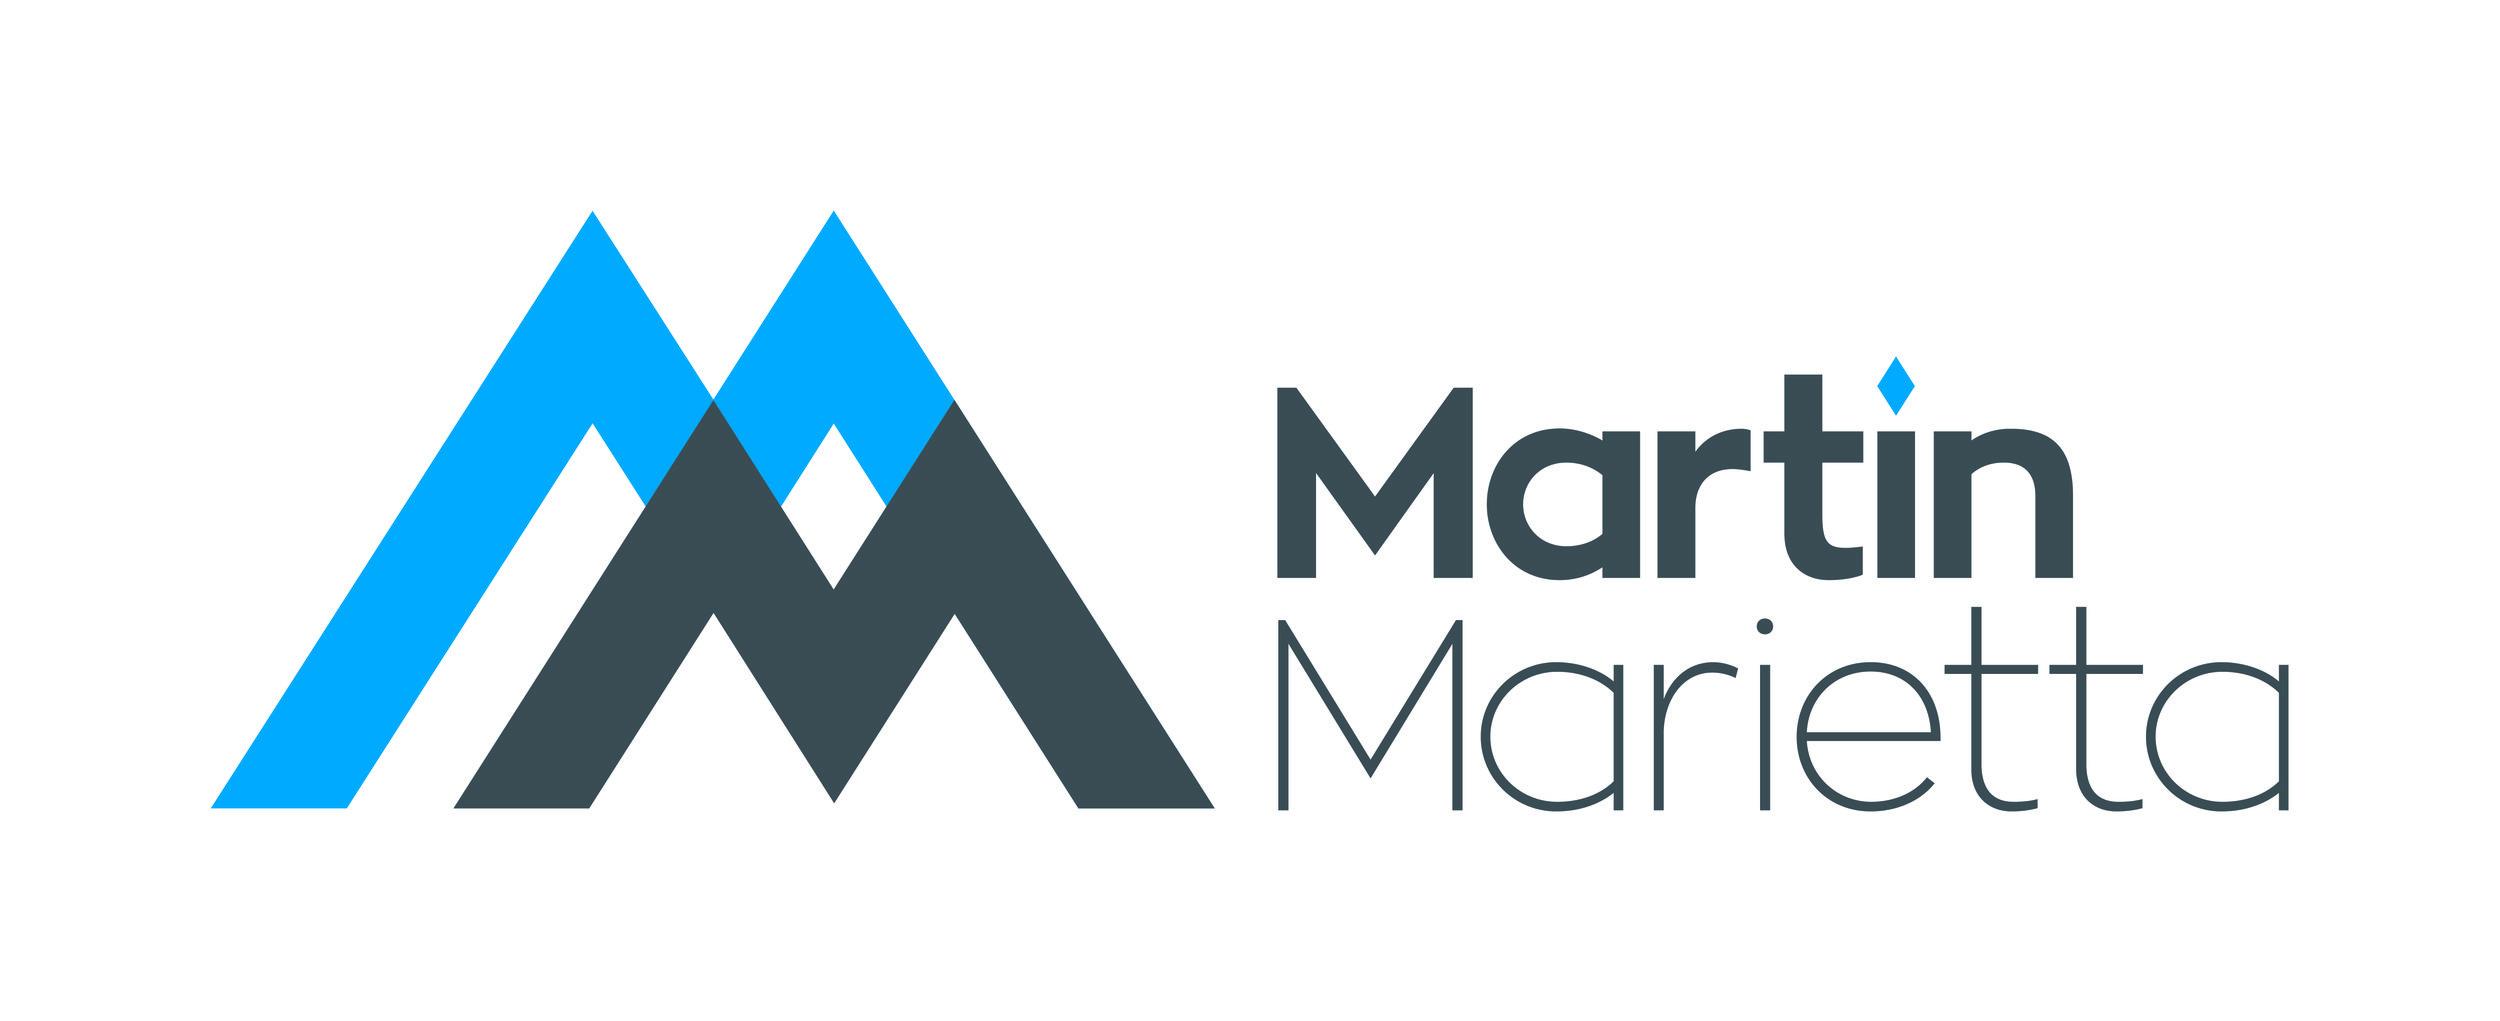 MartinMarietta_Non_Stacked_CMYK_300.jpg